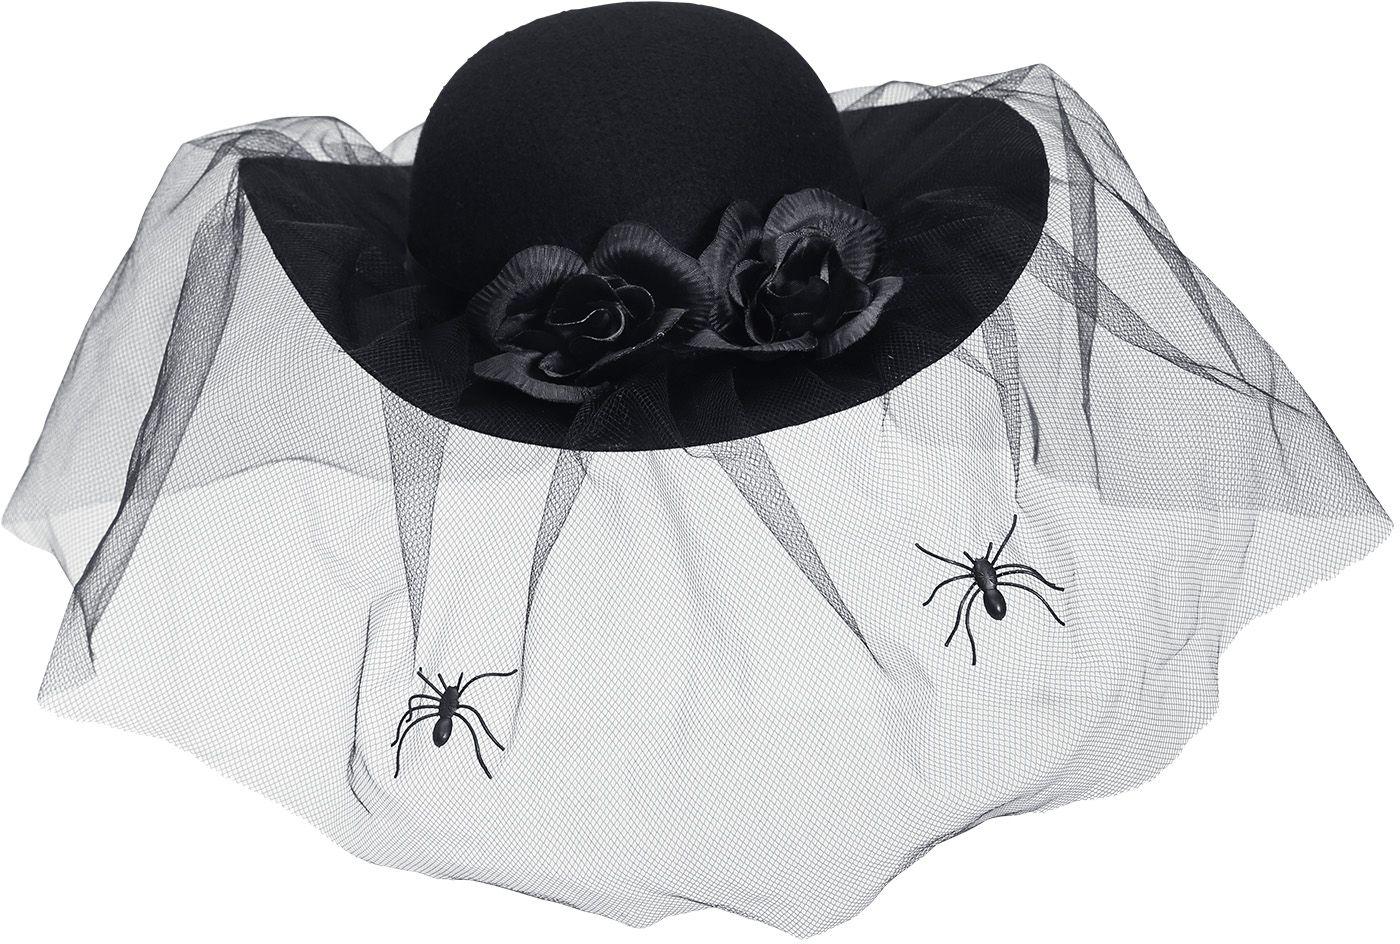 Vrouwen hoed zwarte weduwe